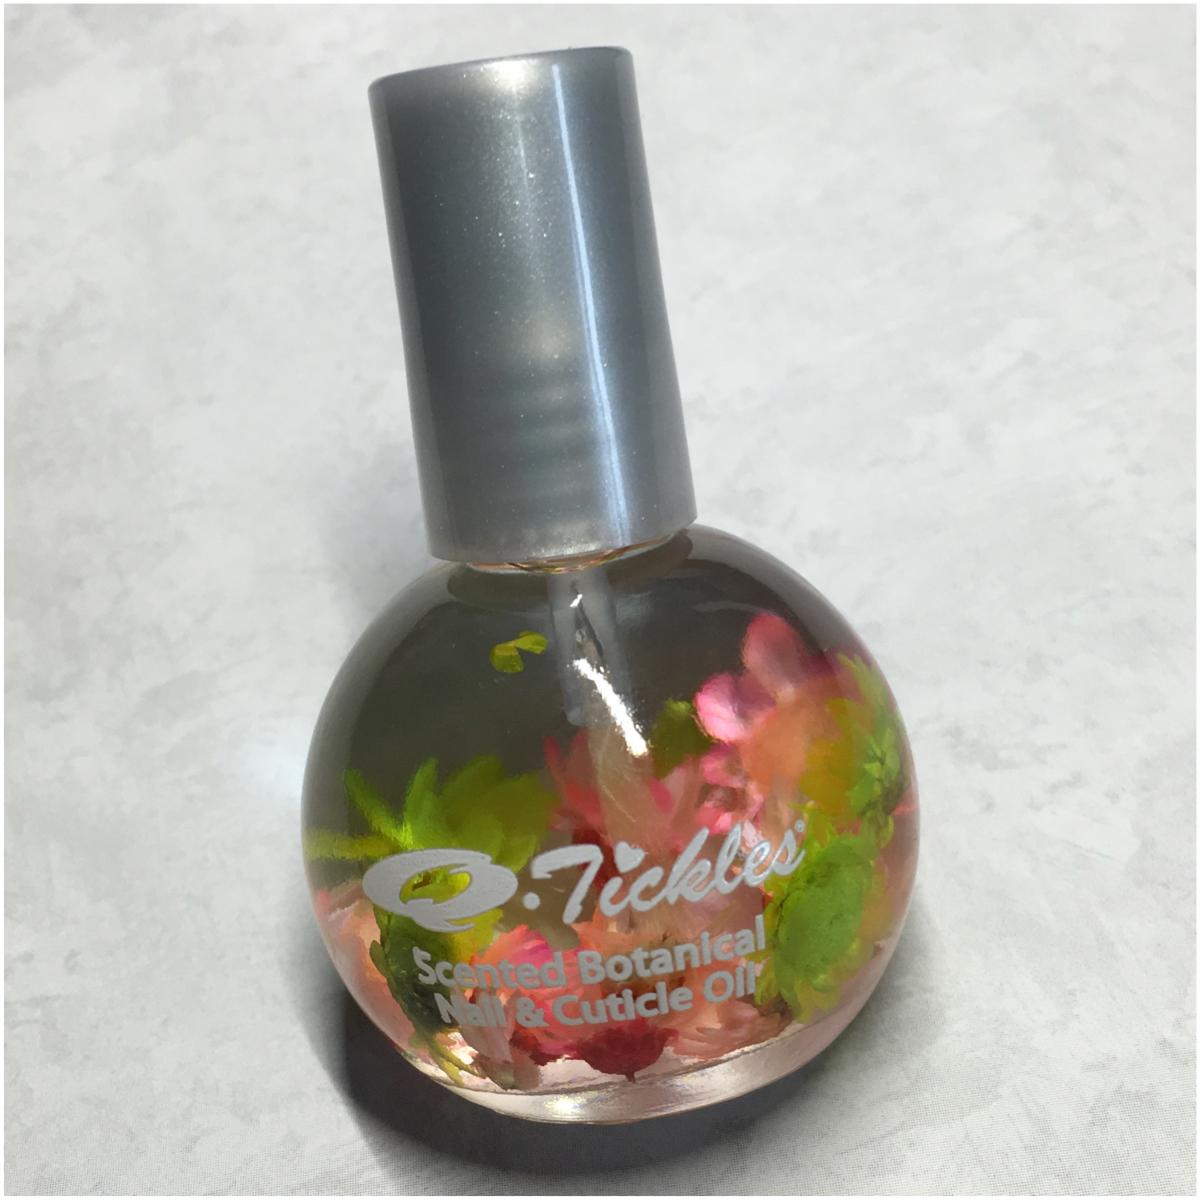 Cuticle Oil 1